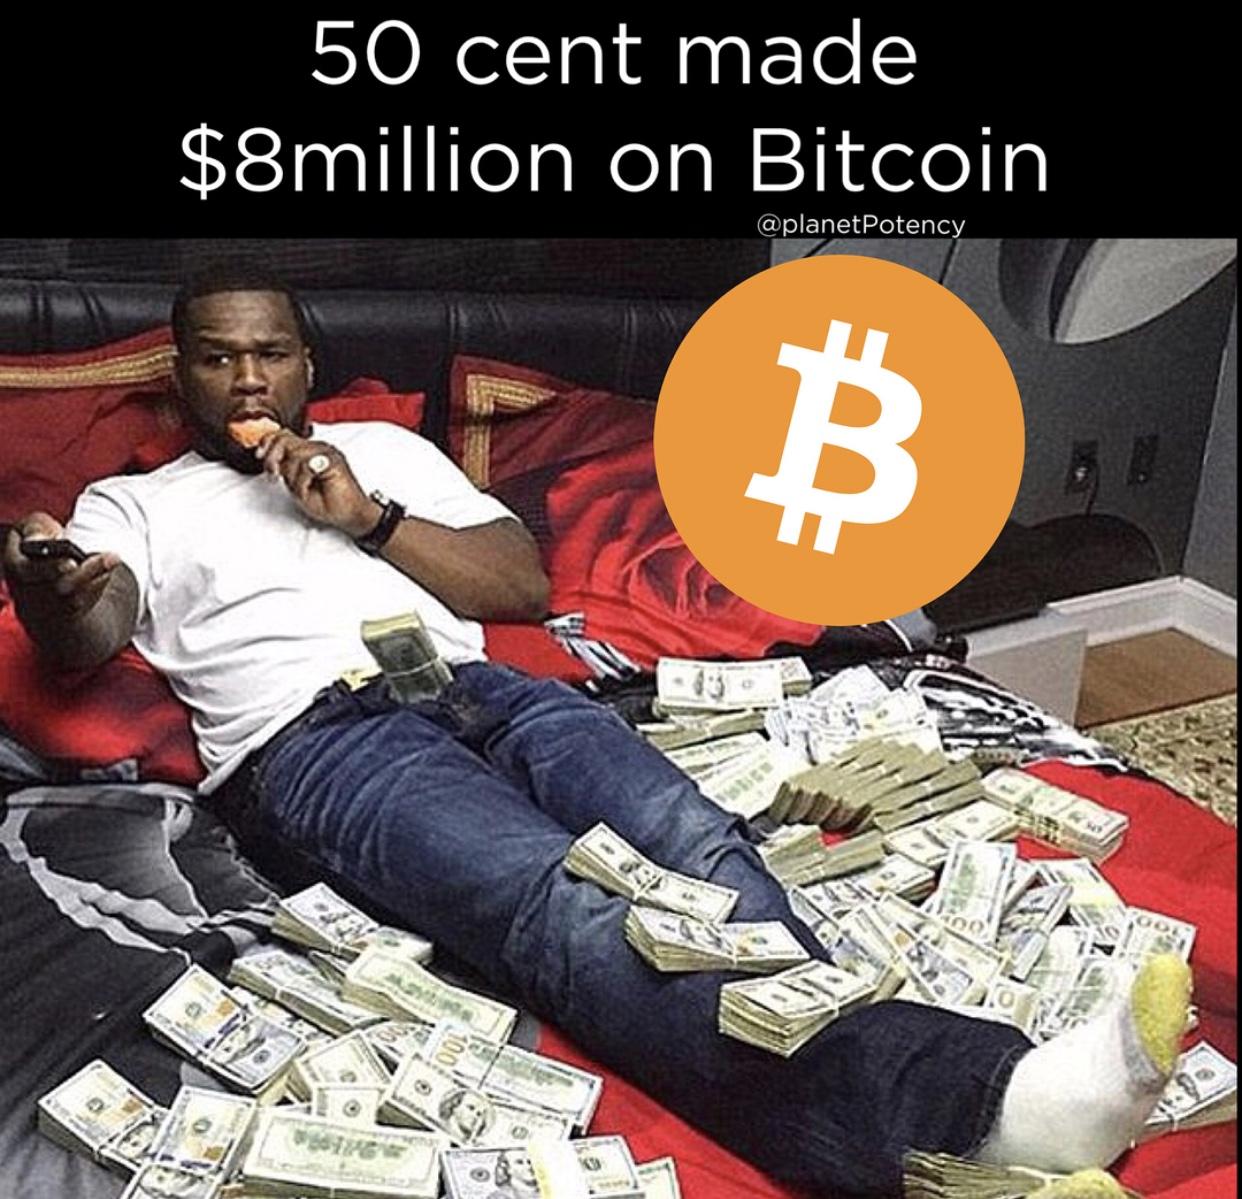 akt savjetnika za ulaganje u kriptovalute kako malo mogu ulagati u bitcoin